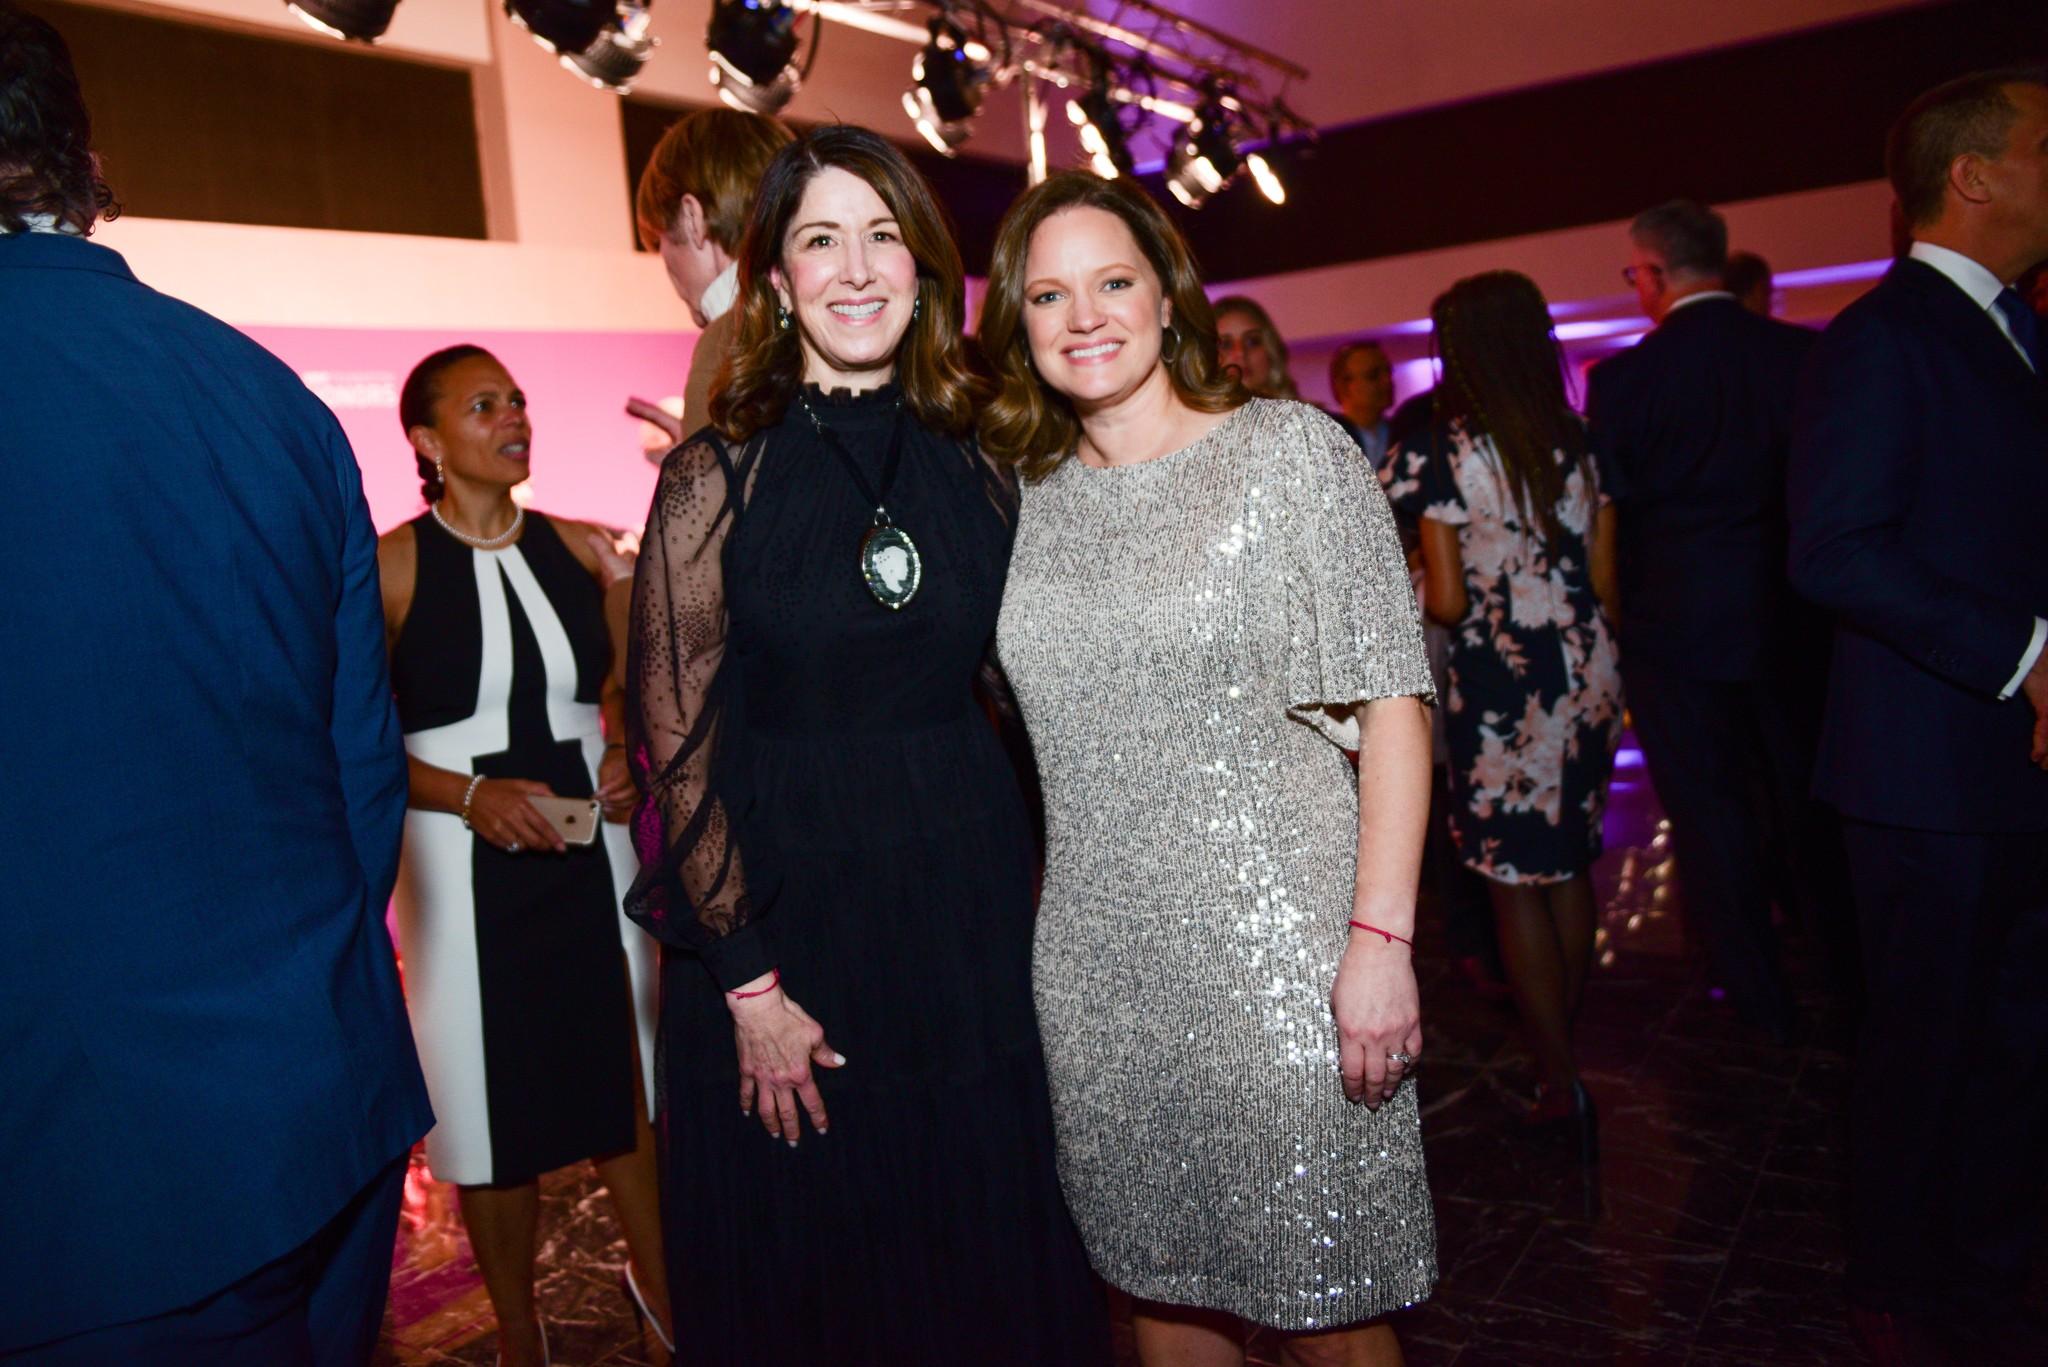 Karen Katz and Ellen Davis